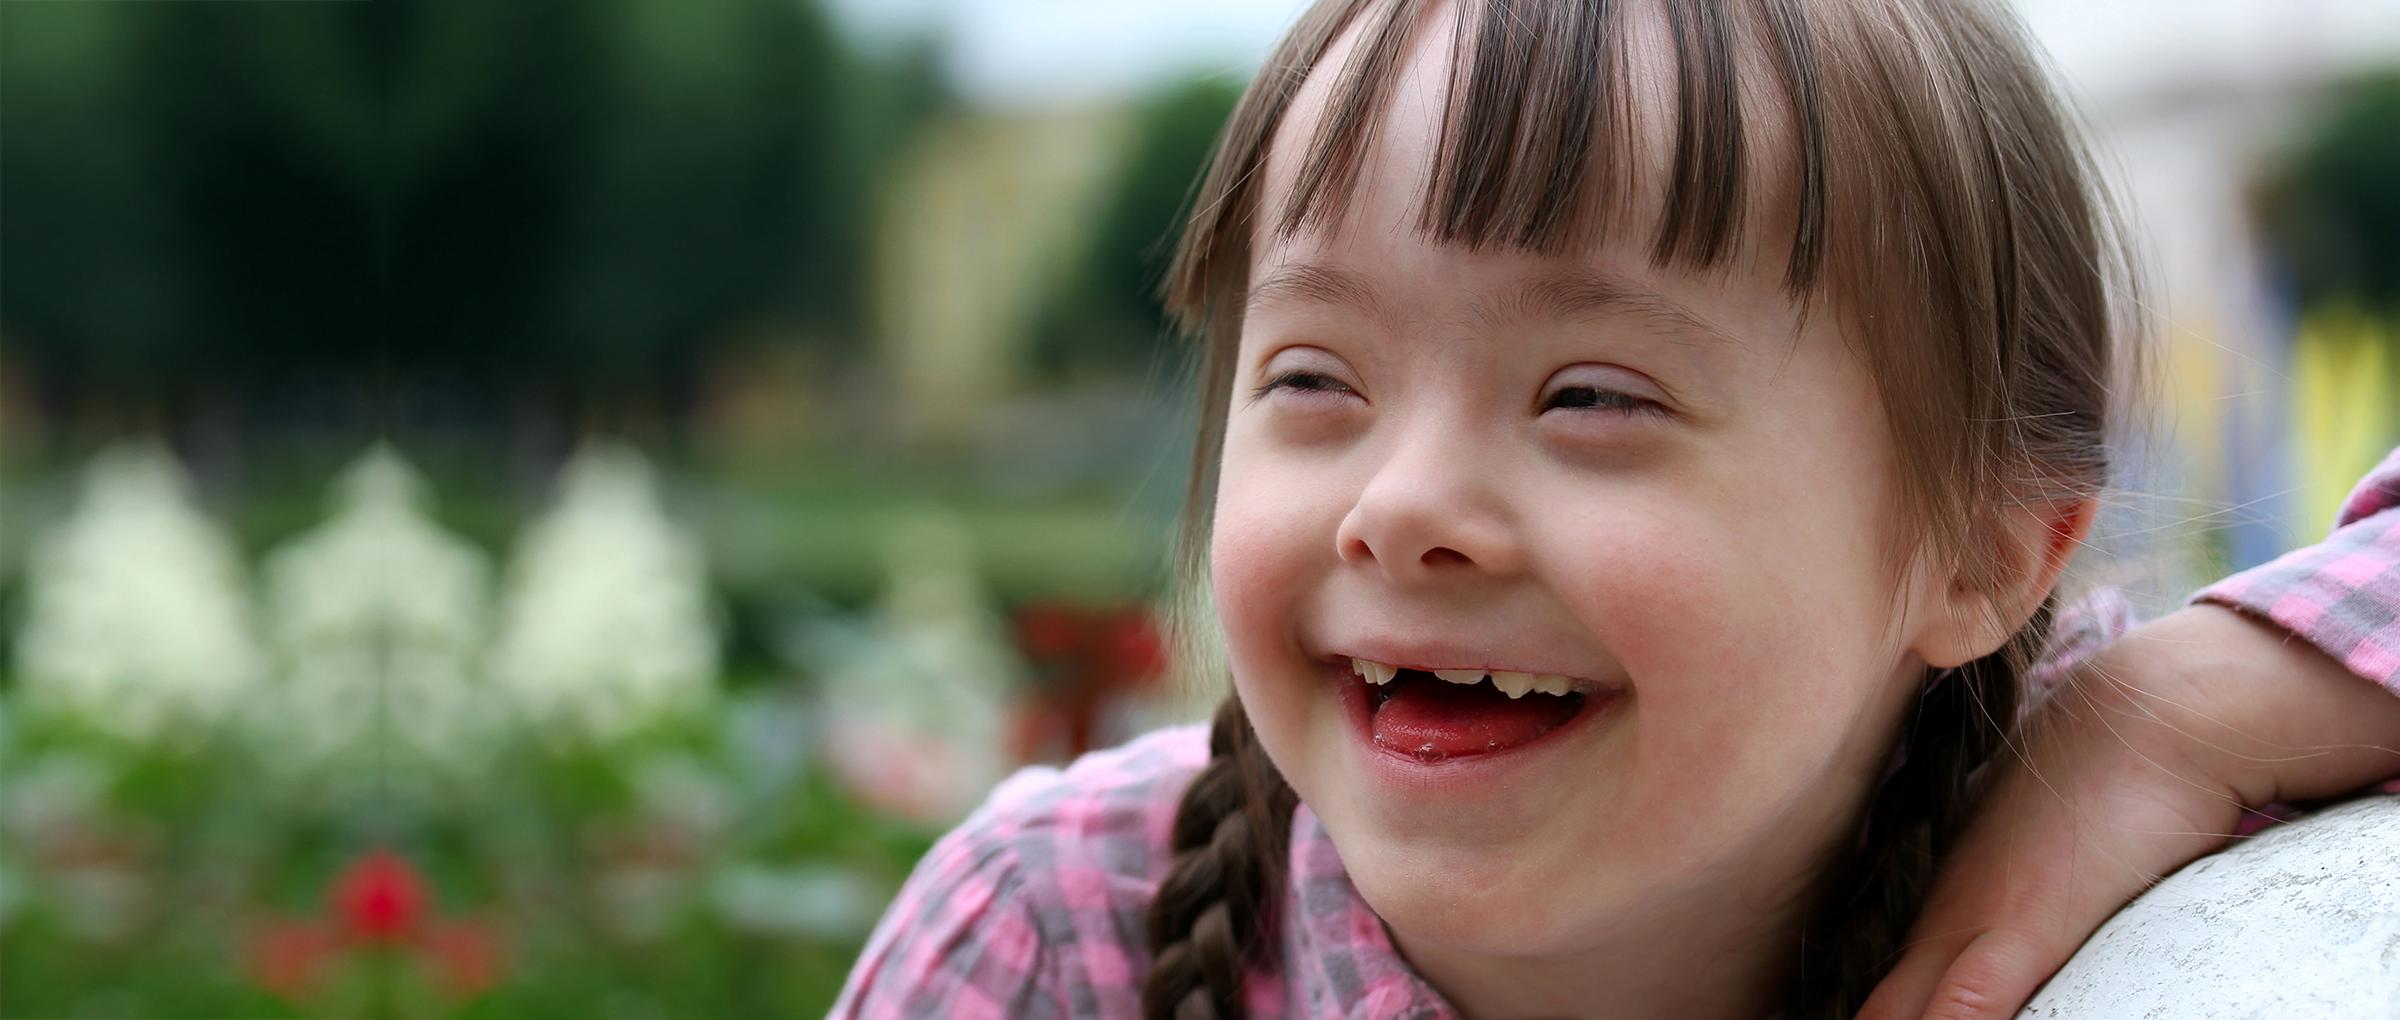 Altérations chromosomiques comme le syndrome de Down